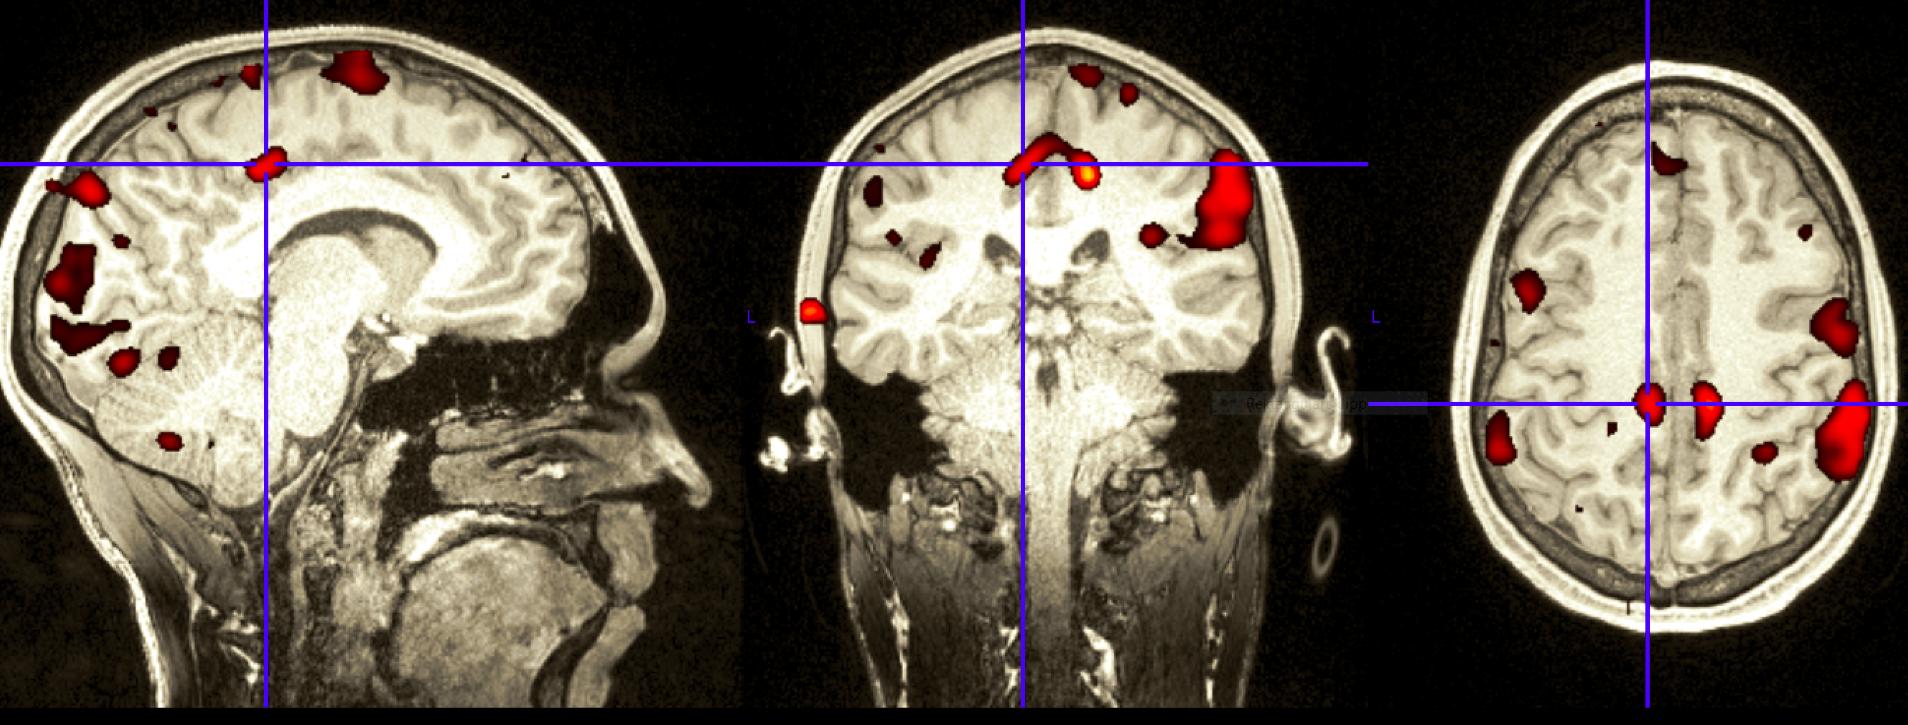 Experimentell aktivering av balansbanor under samtidig MR av hjärnan